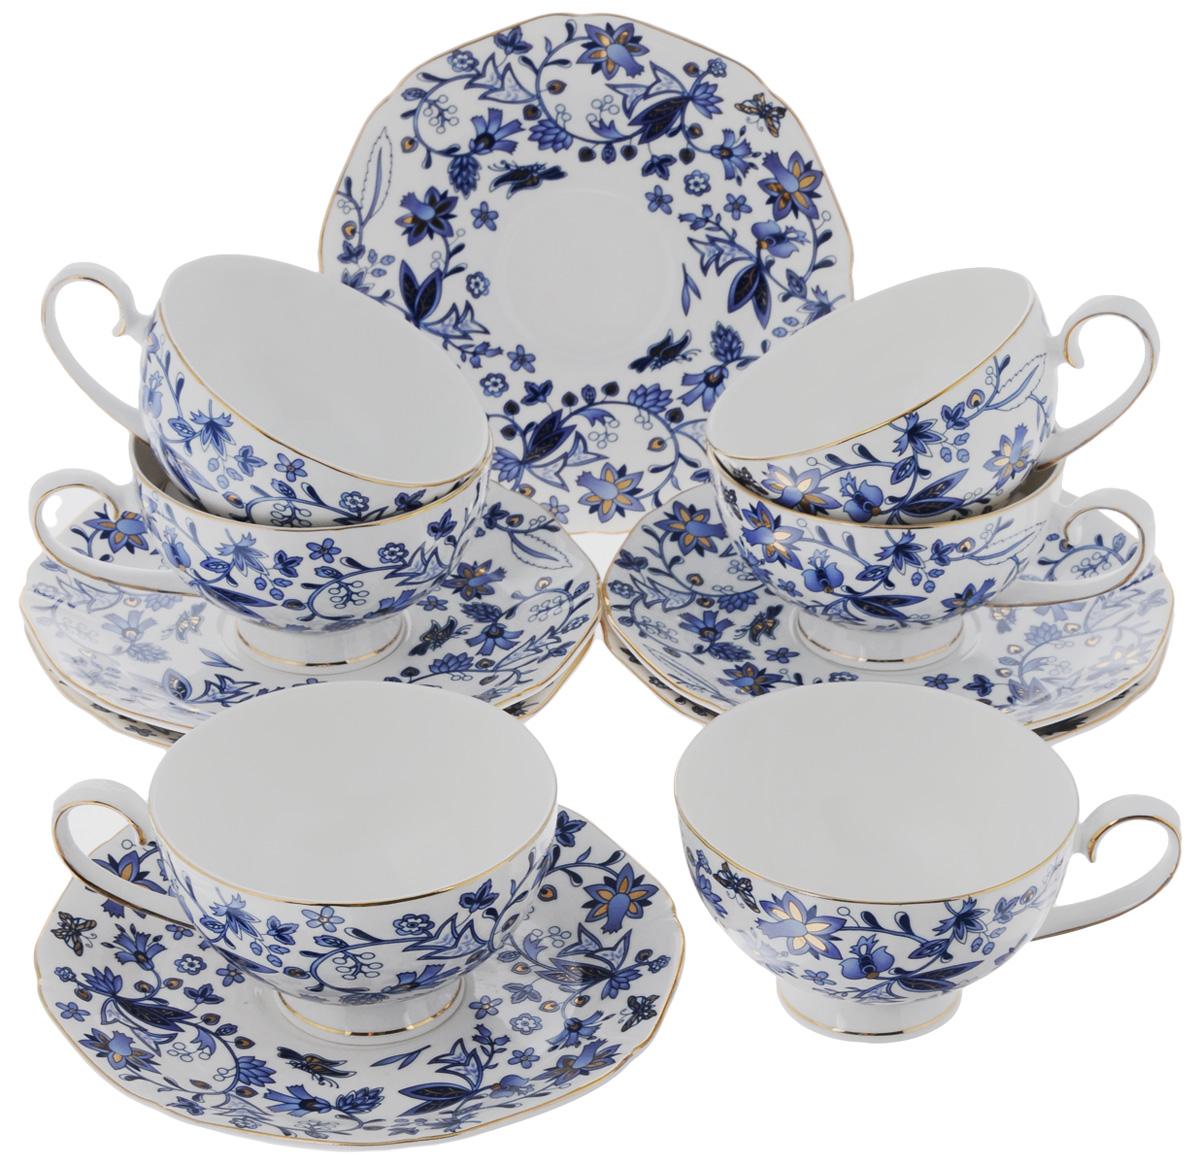 Набор чайный Elan Gallery Изысканность, 12 предметов801069Чайный набор Elan Gallery Изысканность состоит из 6 чашек и 6 блюдец. Изделия, выполненные из высококачественной керамики, имеют элегантный дизайн и классическую круглую форму. Такой набор прекрасно подойдет как для повседневного использования, так и для праздников. Чайный набор Elan Gallery Изысканность - это не только яркий и полезный подарок для родных и близких, а также великолепное решение для вашей кухни или столовой. Не использовать в микроволновой печи. Объем чашки: 250 мл. Диаметр чашки (по верхнему краю): 10 см. Высота чашки: 6,5 см. Размер блюдца (по верхнему краю): 16,5 х 16,5 см. Высота блюдца: 2 см.